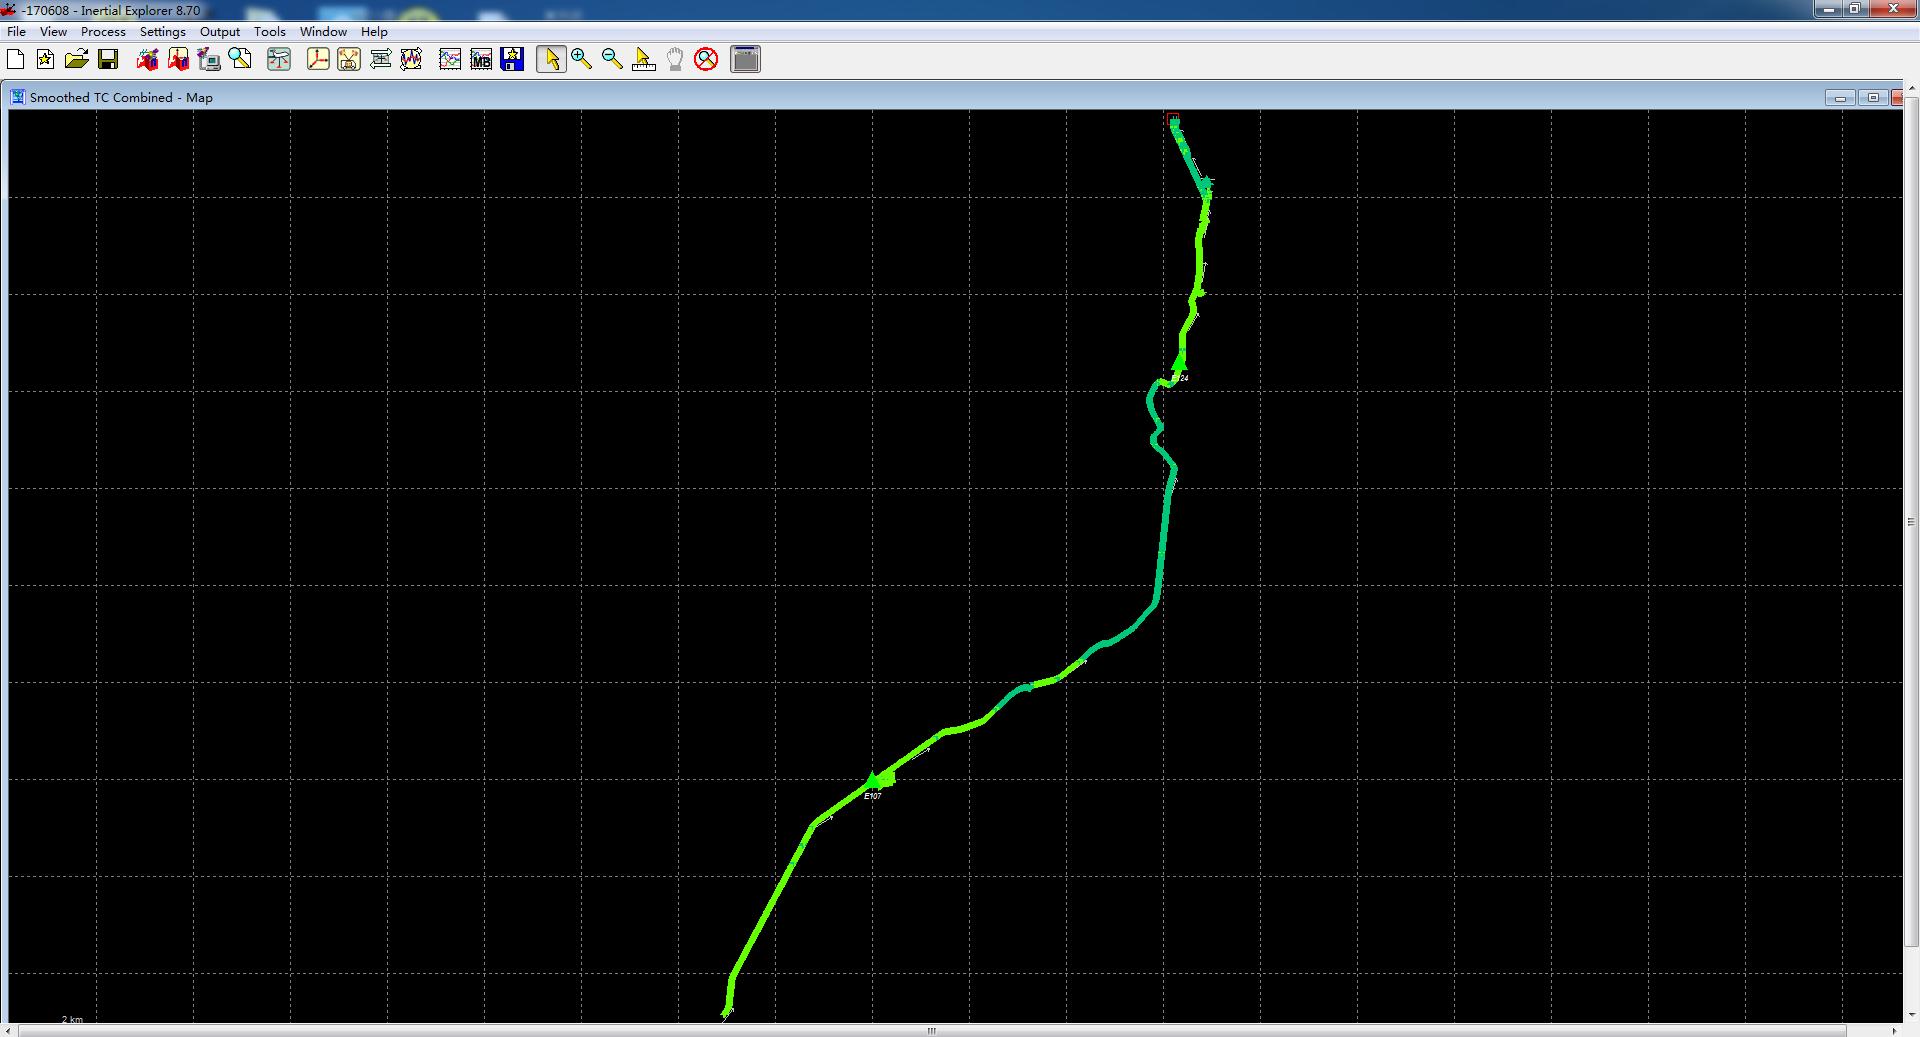 激光雷達系統應用于公路勘測的數據預處理POS解算圖,華測公路勘測應用方案分享